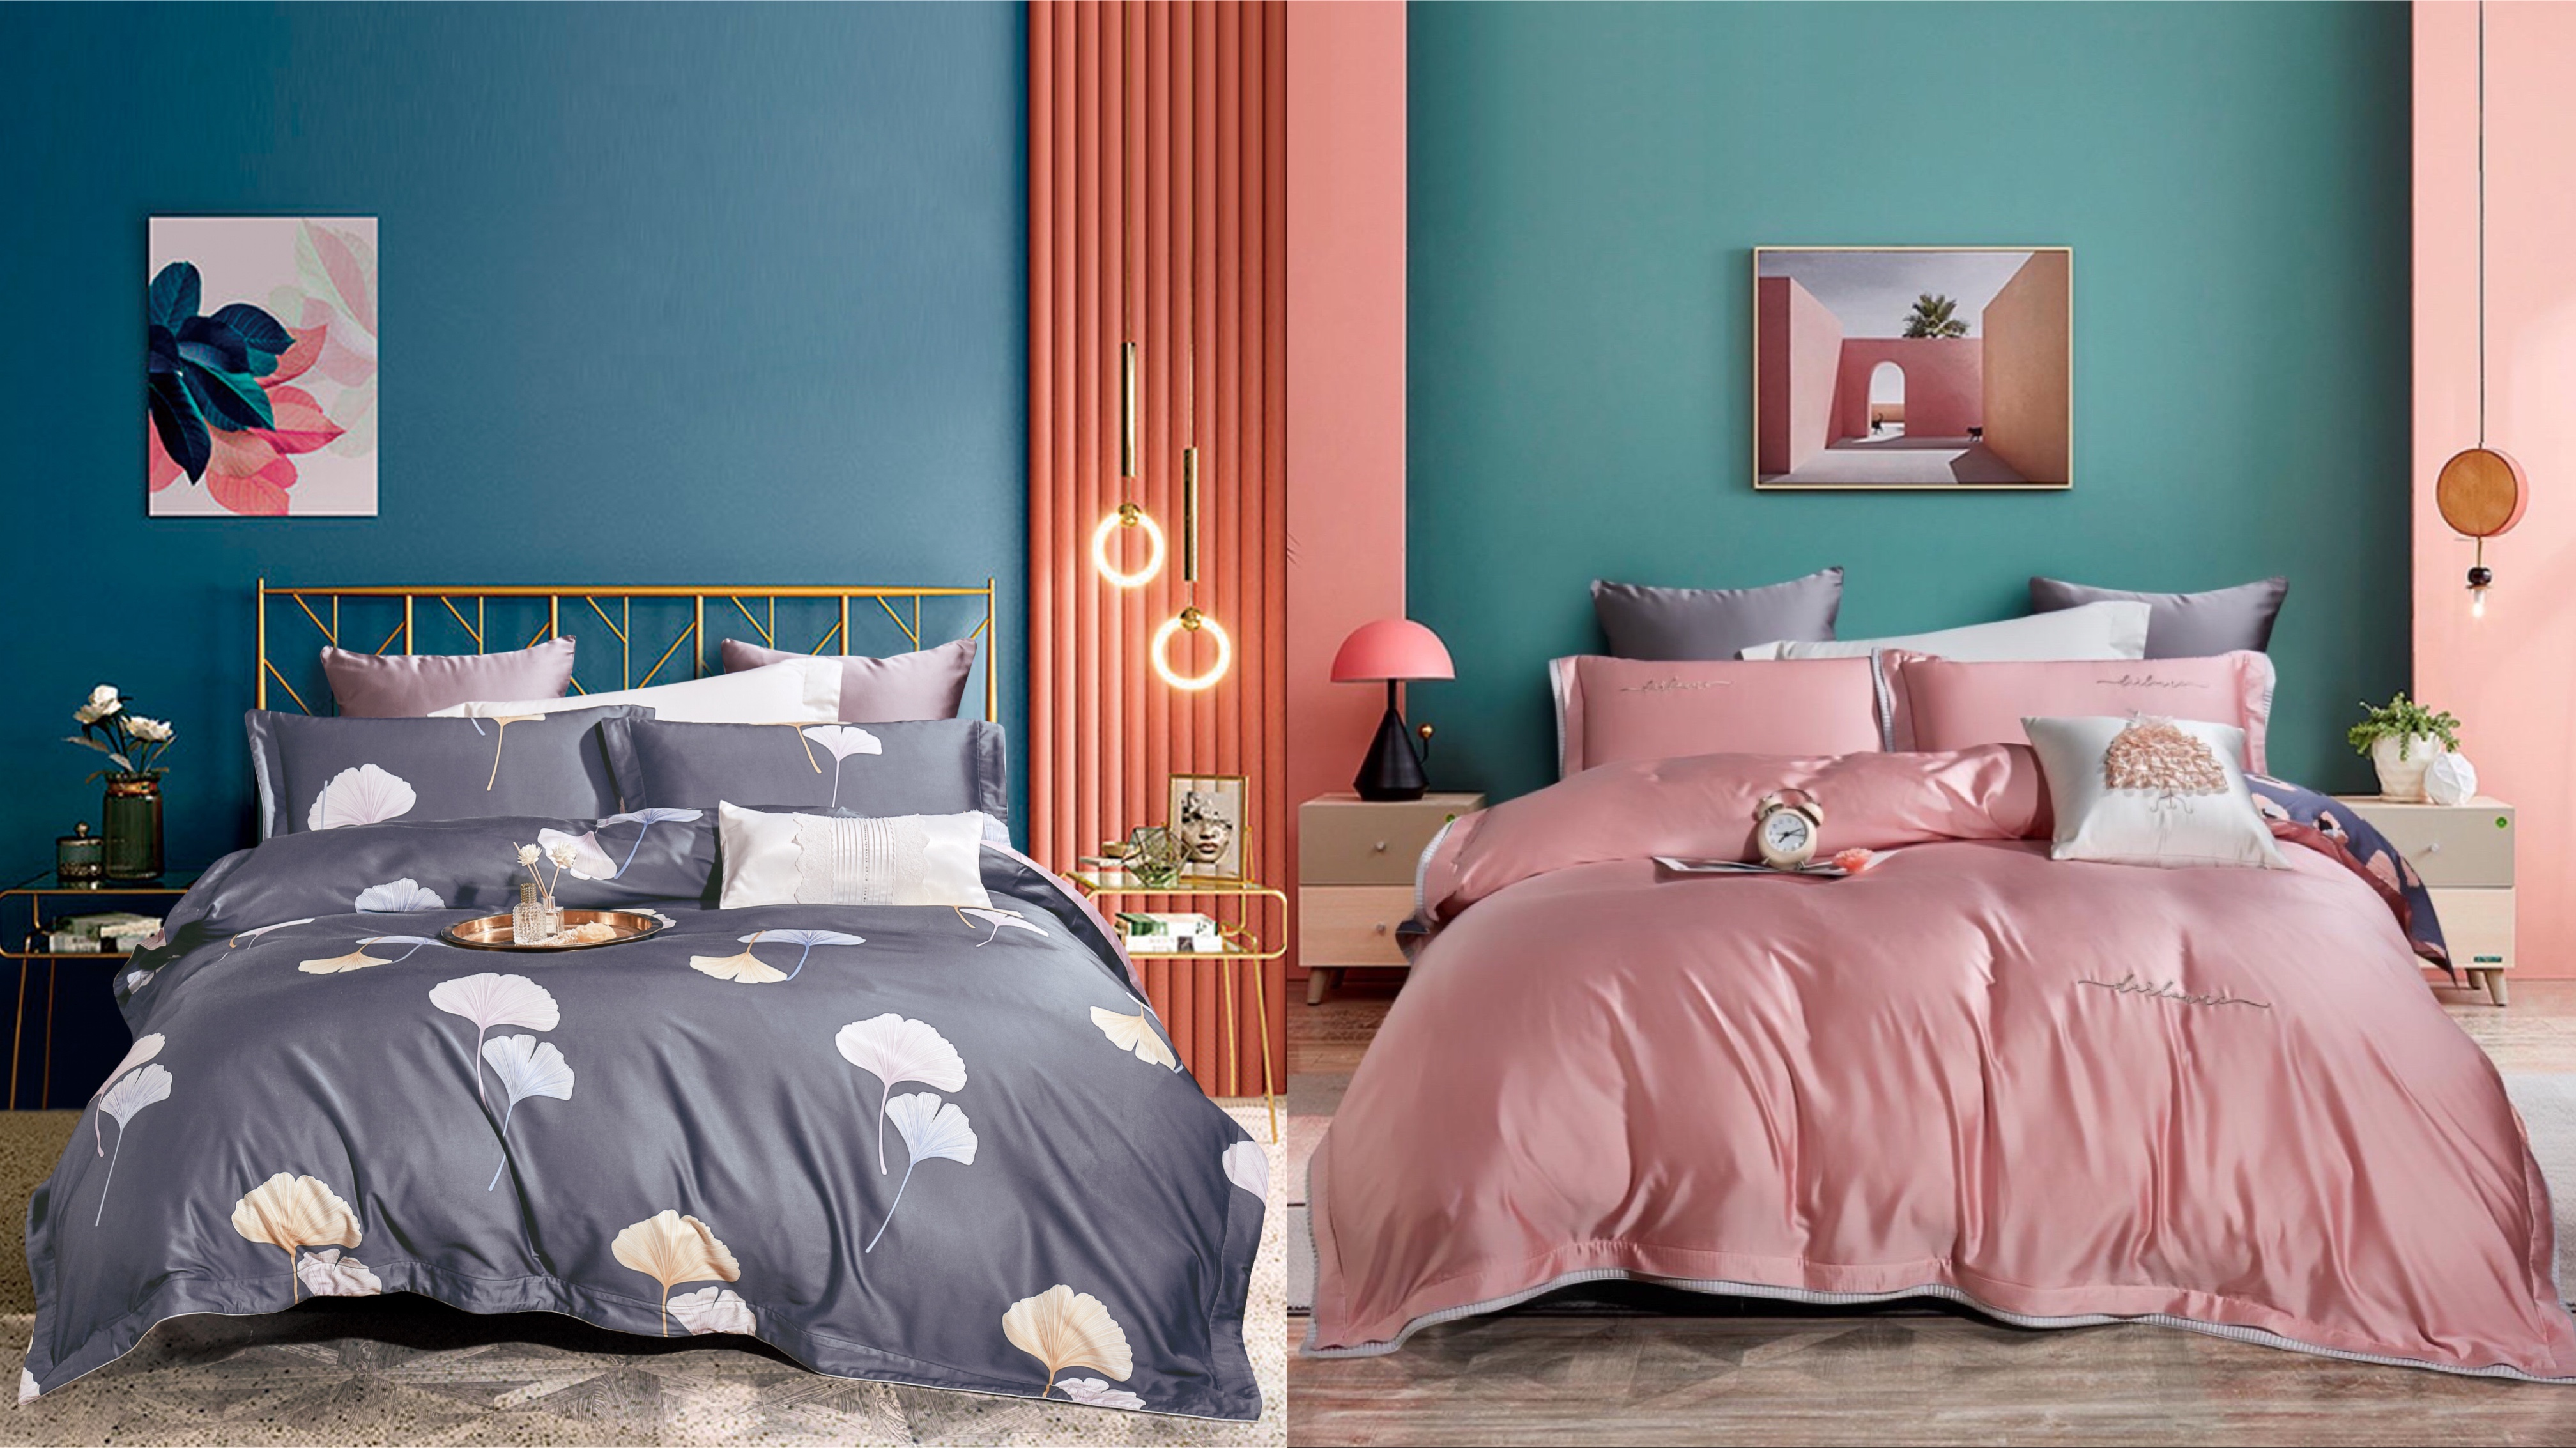 臻棉天絲床蓋雙麵款四件套-富貴銀杏&灰